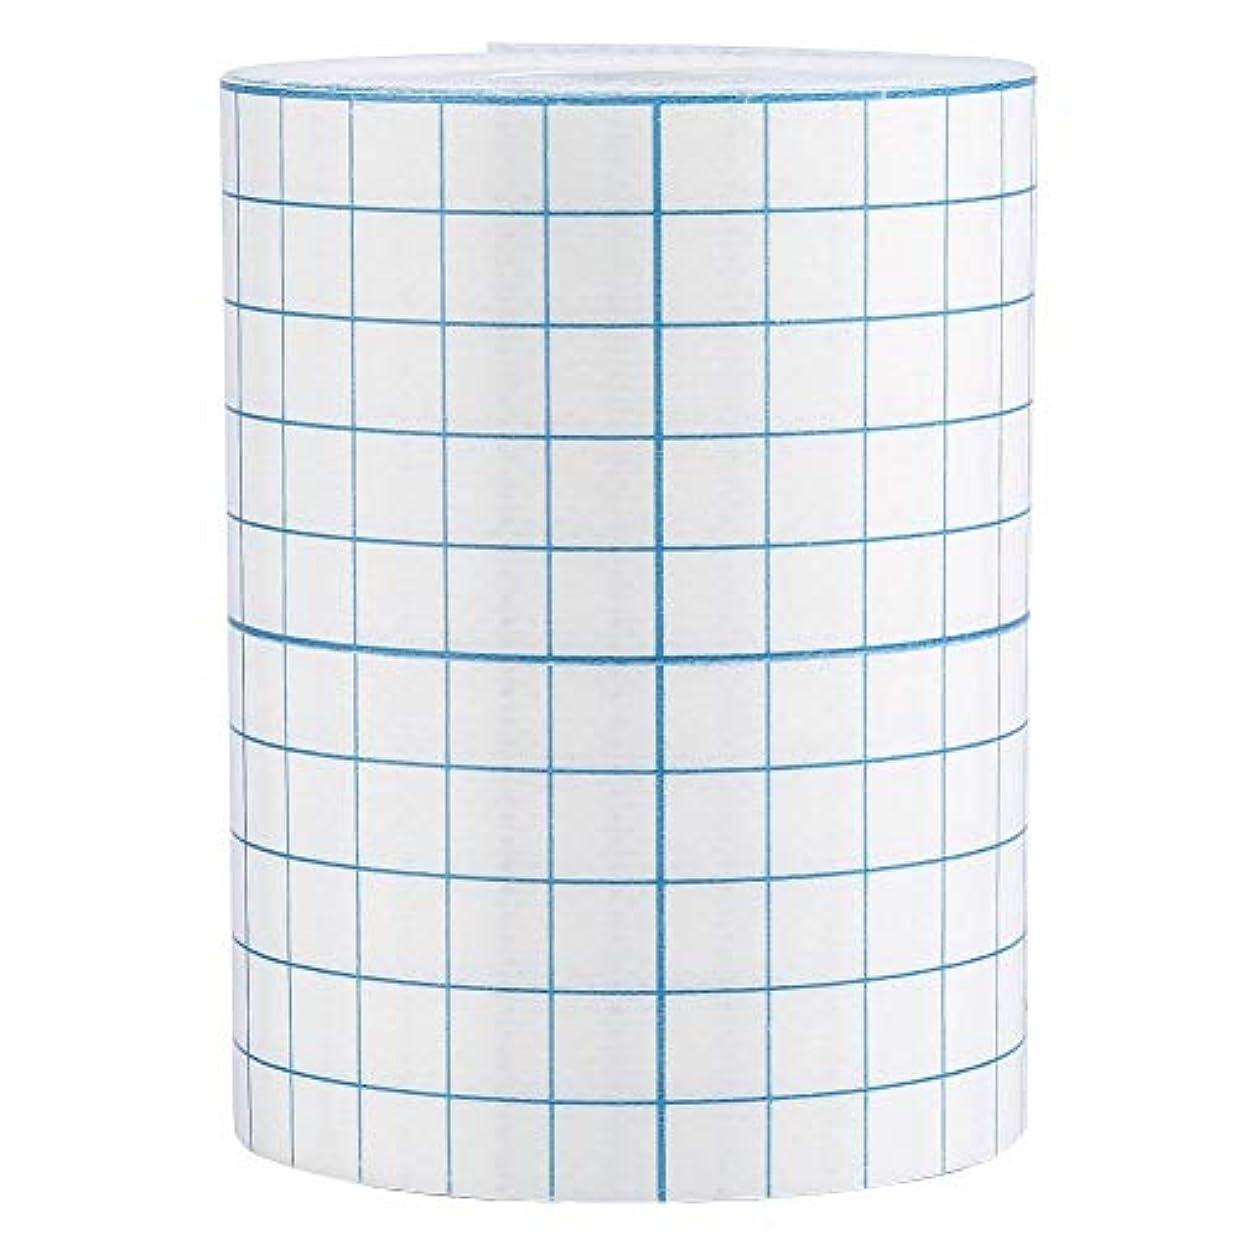 プラスチック実証するフリッパー3サイズ1ロールプロフェッショナル不織布接着創傷ドレッシング医療用固定テープ包帯(10cm x 10m)